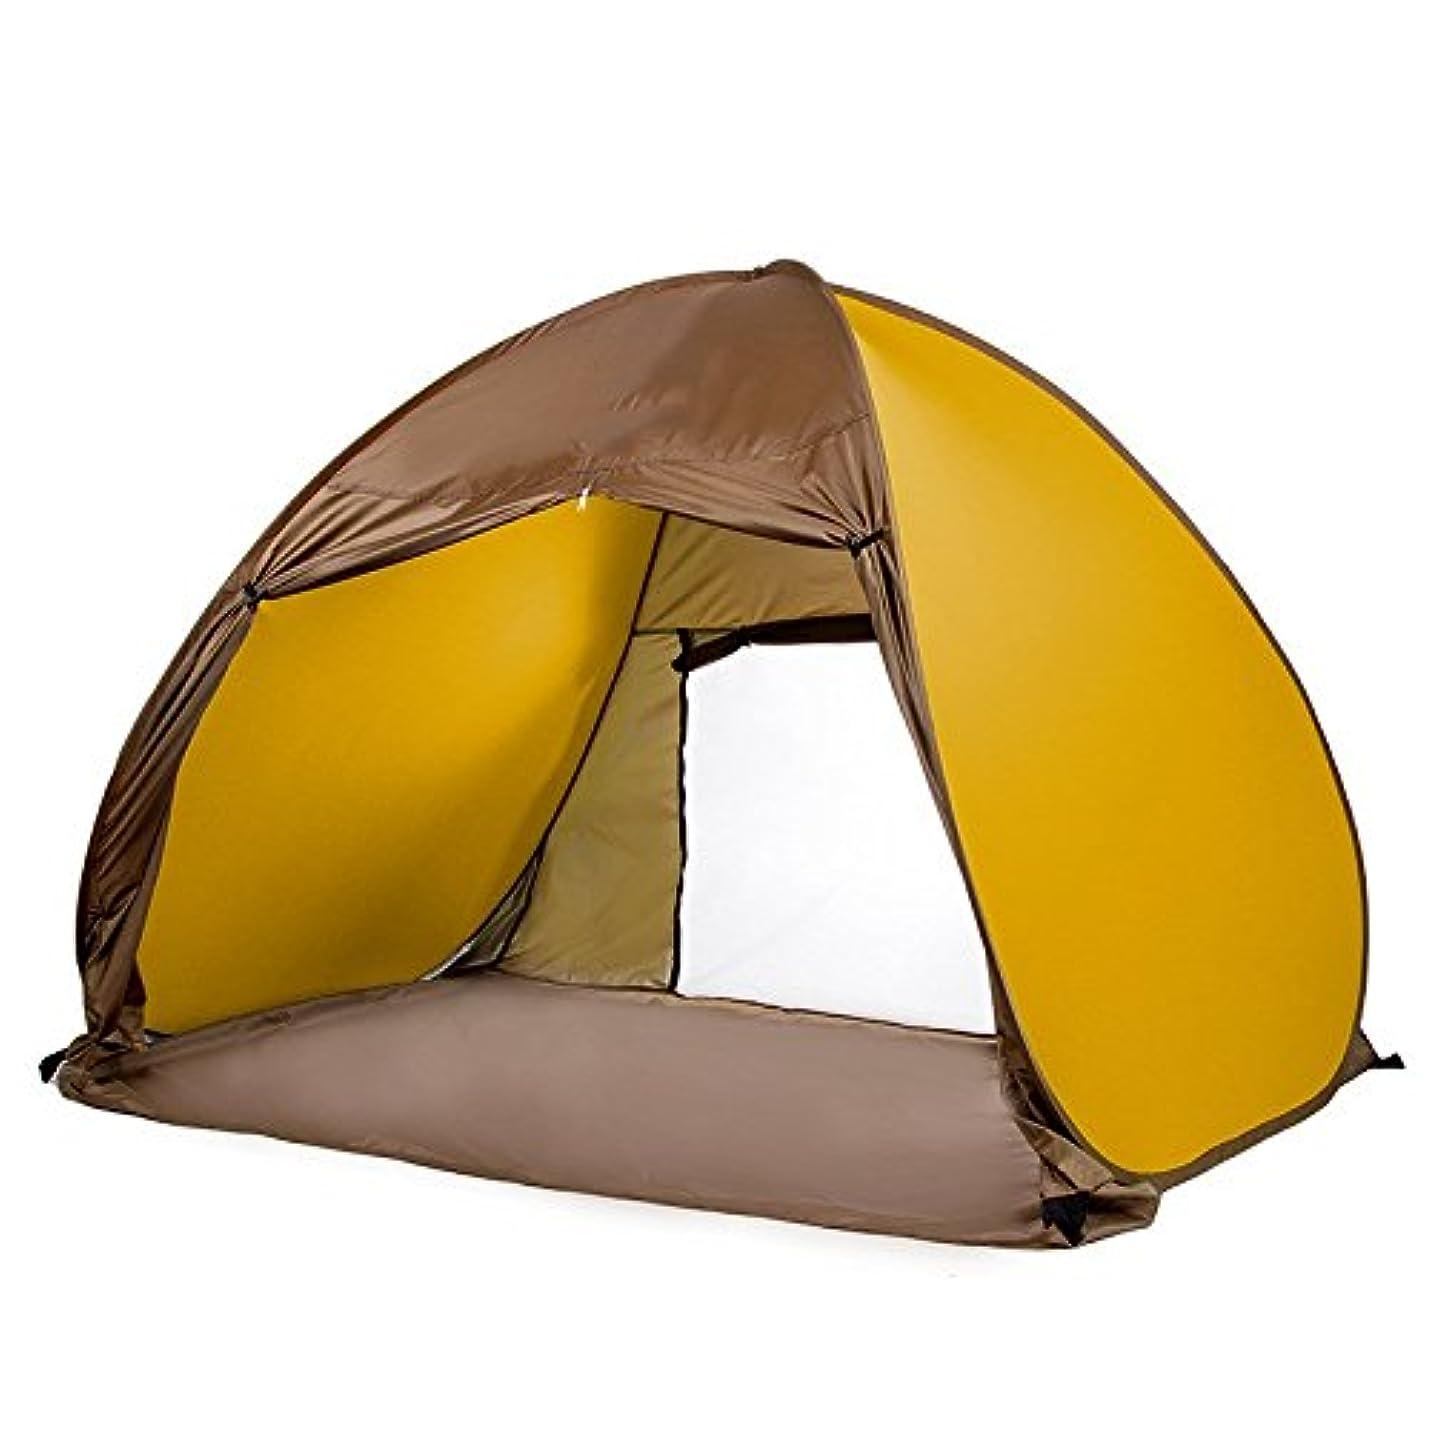 国籍包括的リットルWppolika 200 * 150 * 130センチキャンプテント屋外自動防水、防雨、紫外線抵抗力がある持ち運びが簡単大きいスペースオックスフォード布3-4人インストールが簡単 (Color : 3)